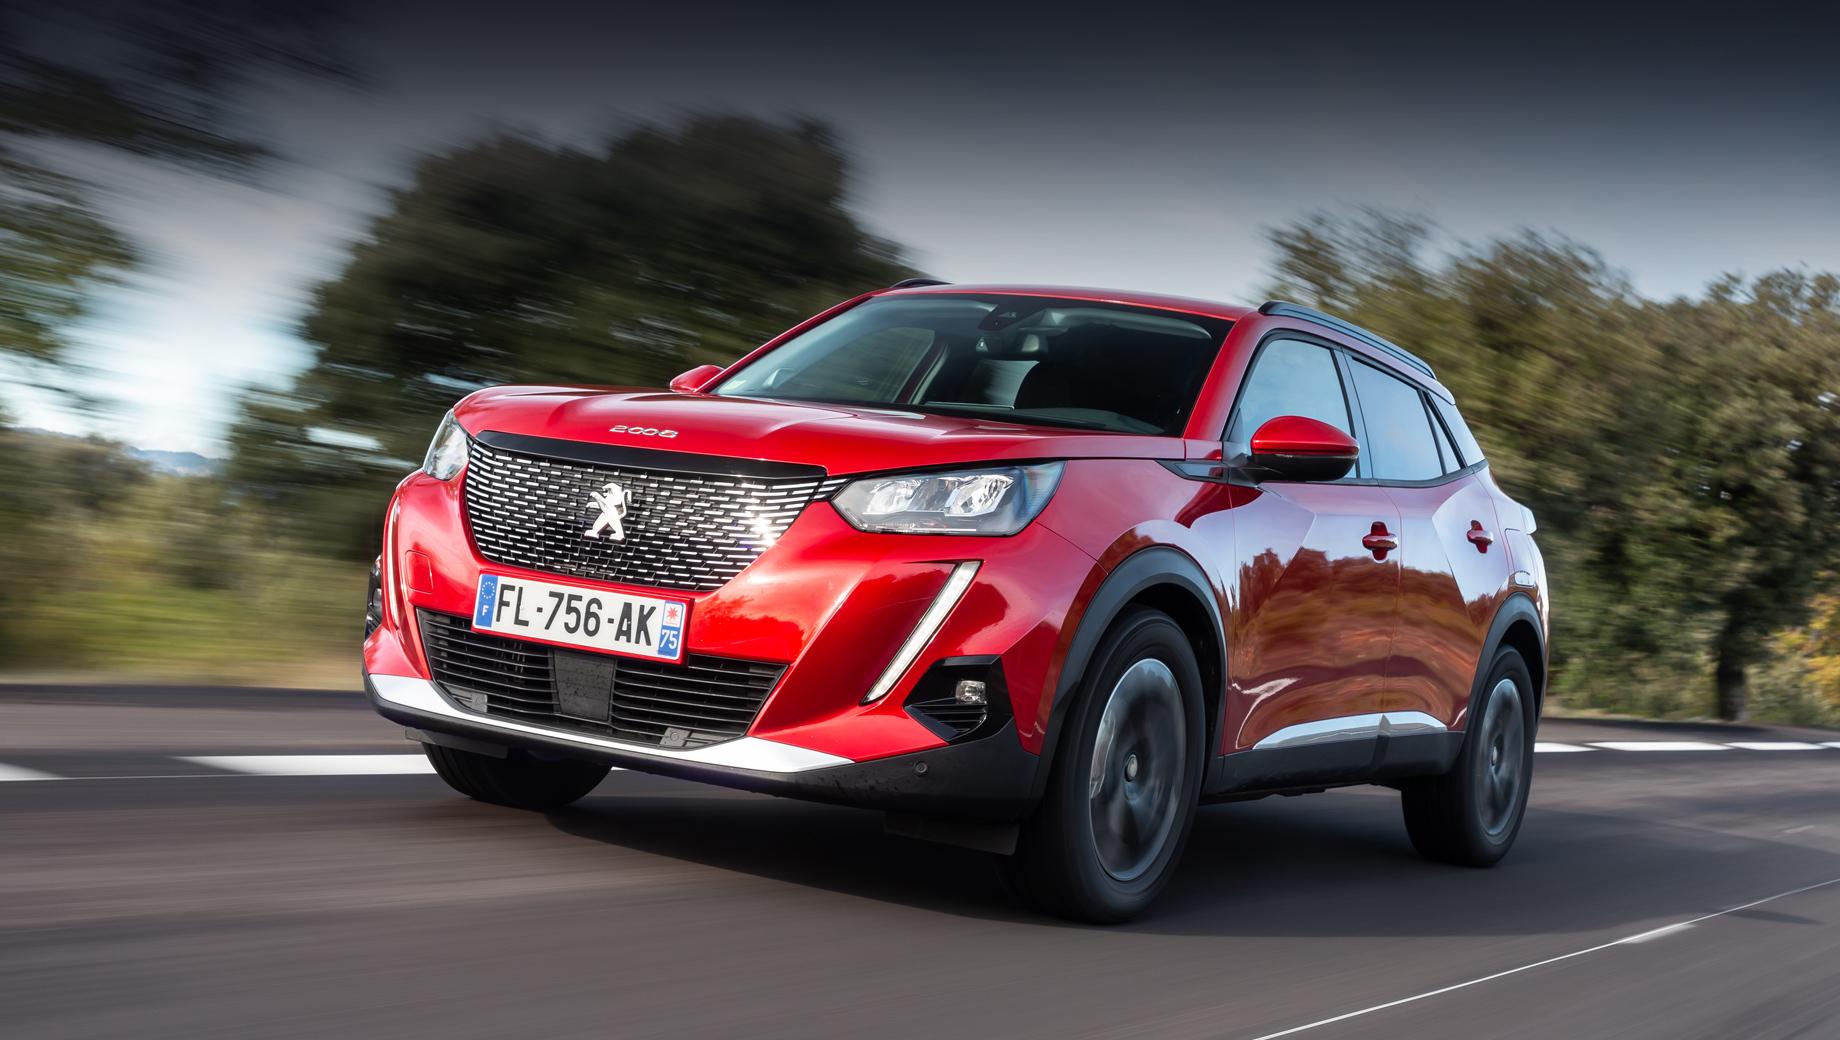 На новый Peugeot 2008 выставлены российские ценники